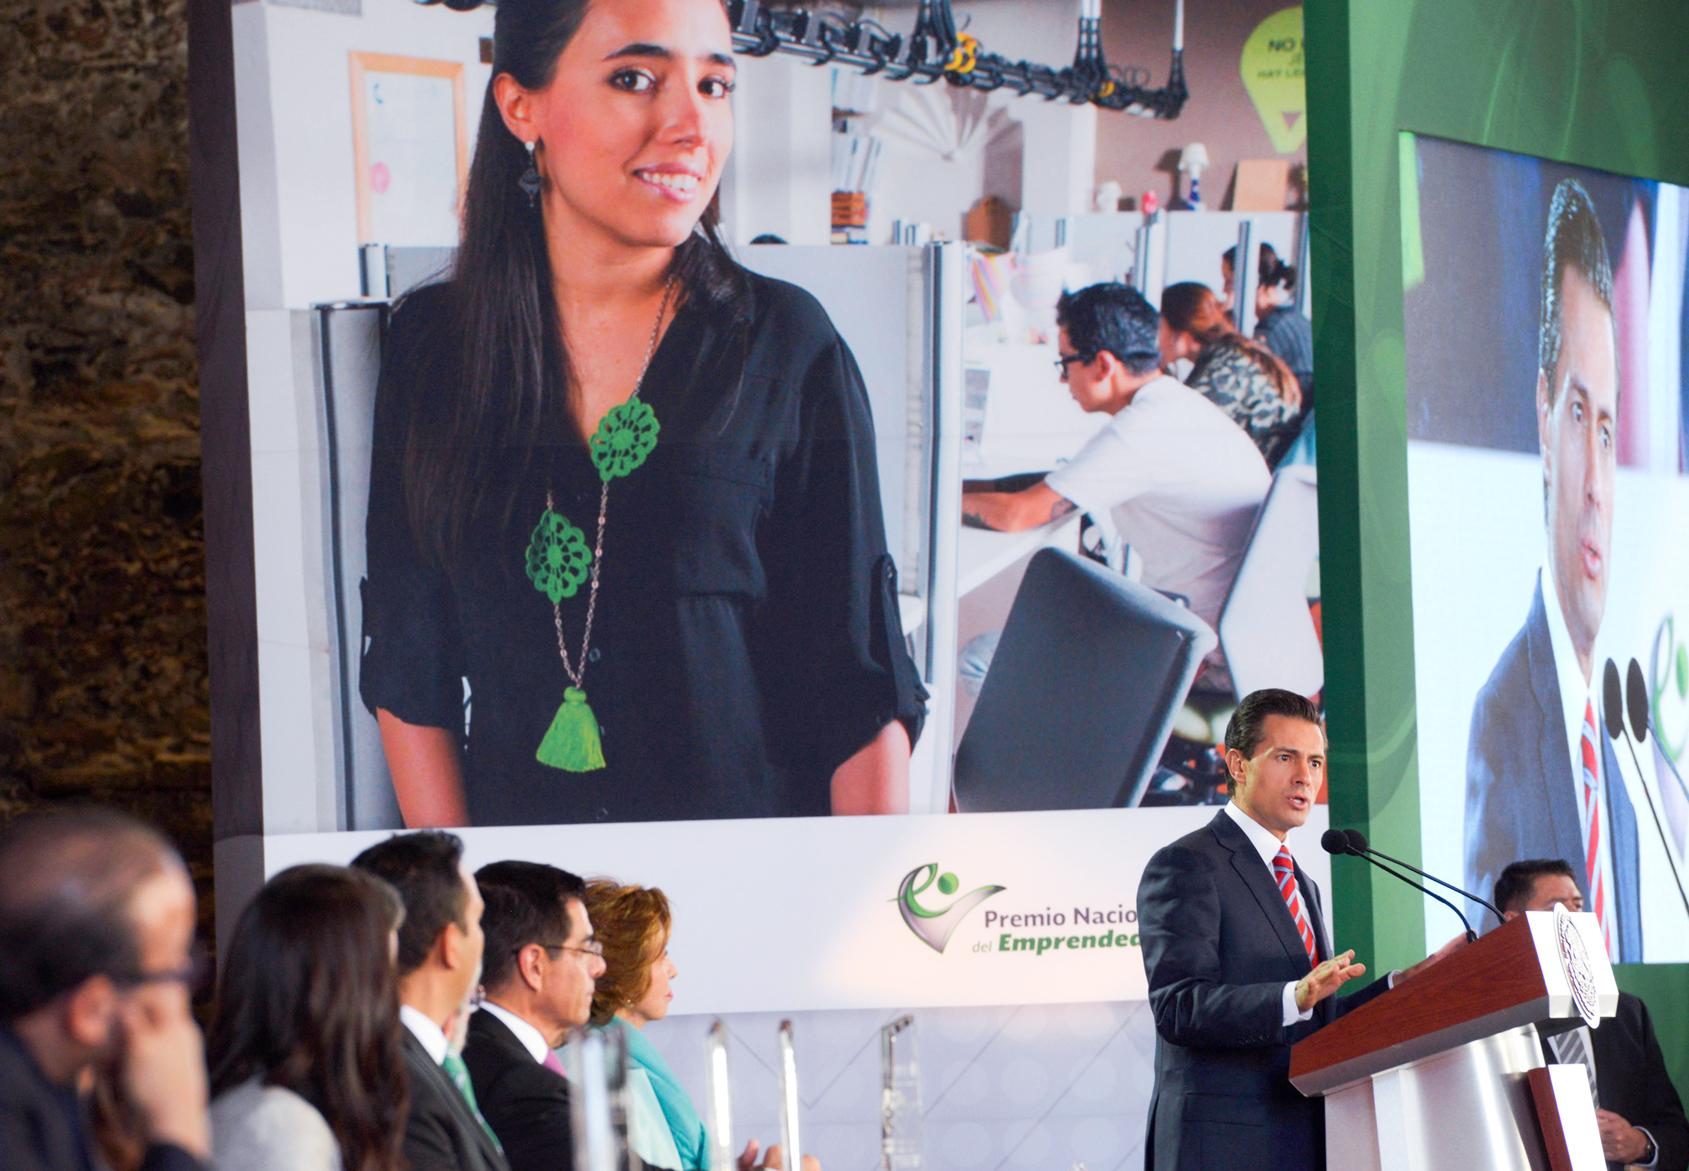 El Premio Nacional del Emprendedor que hemos otorgado este día, valora y reconoce la pasión, el esfuerzo y la dedicación con que han puesto en marcha sus iniciativas y proyectos, señaló el Mandatario.